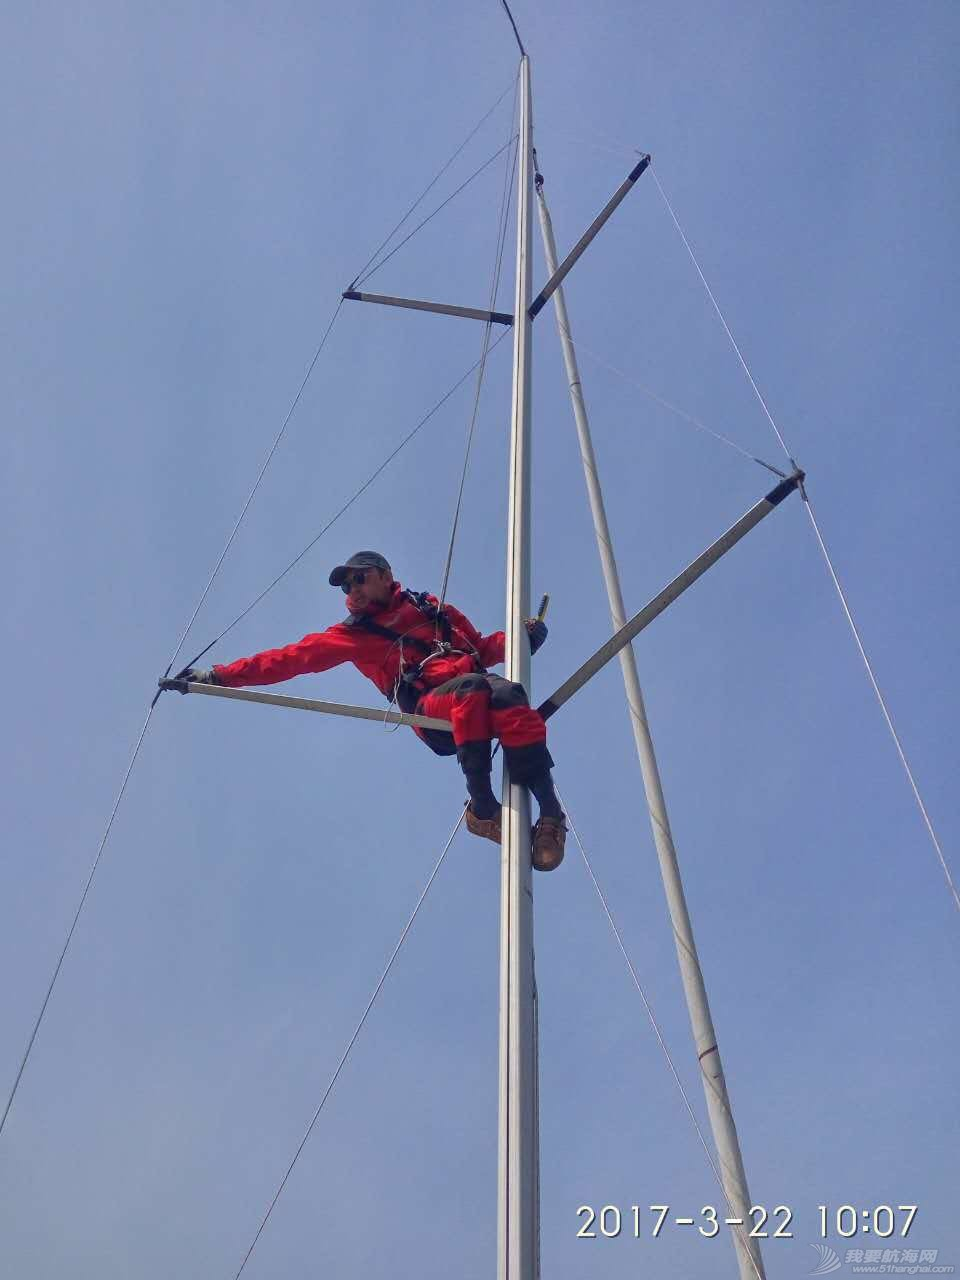 帆船 3000元6天全方位纯海上实操帆船培训课[威海] 帆船培训